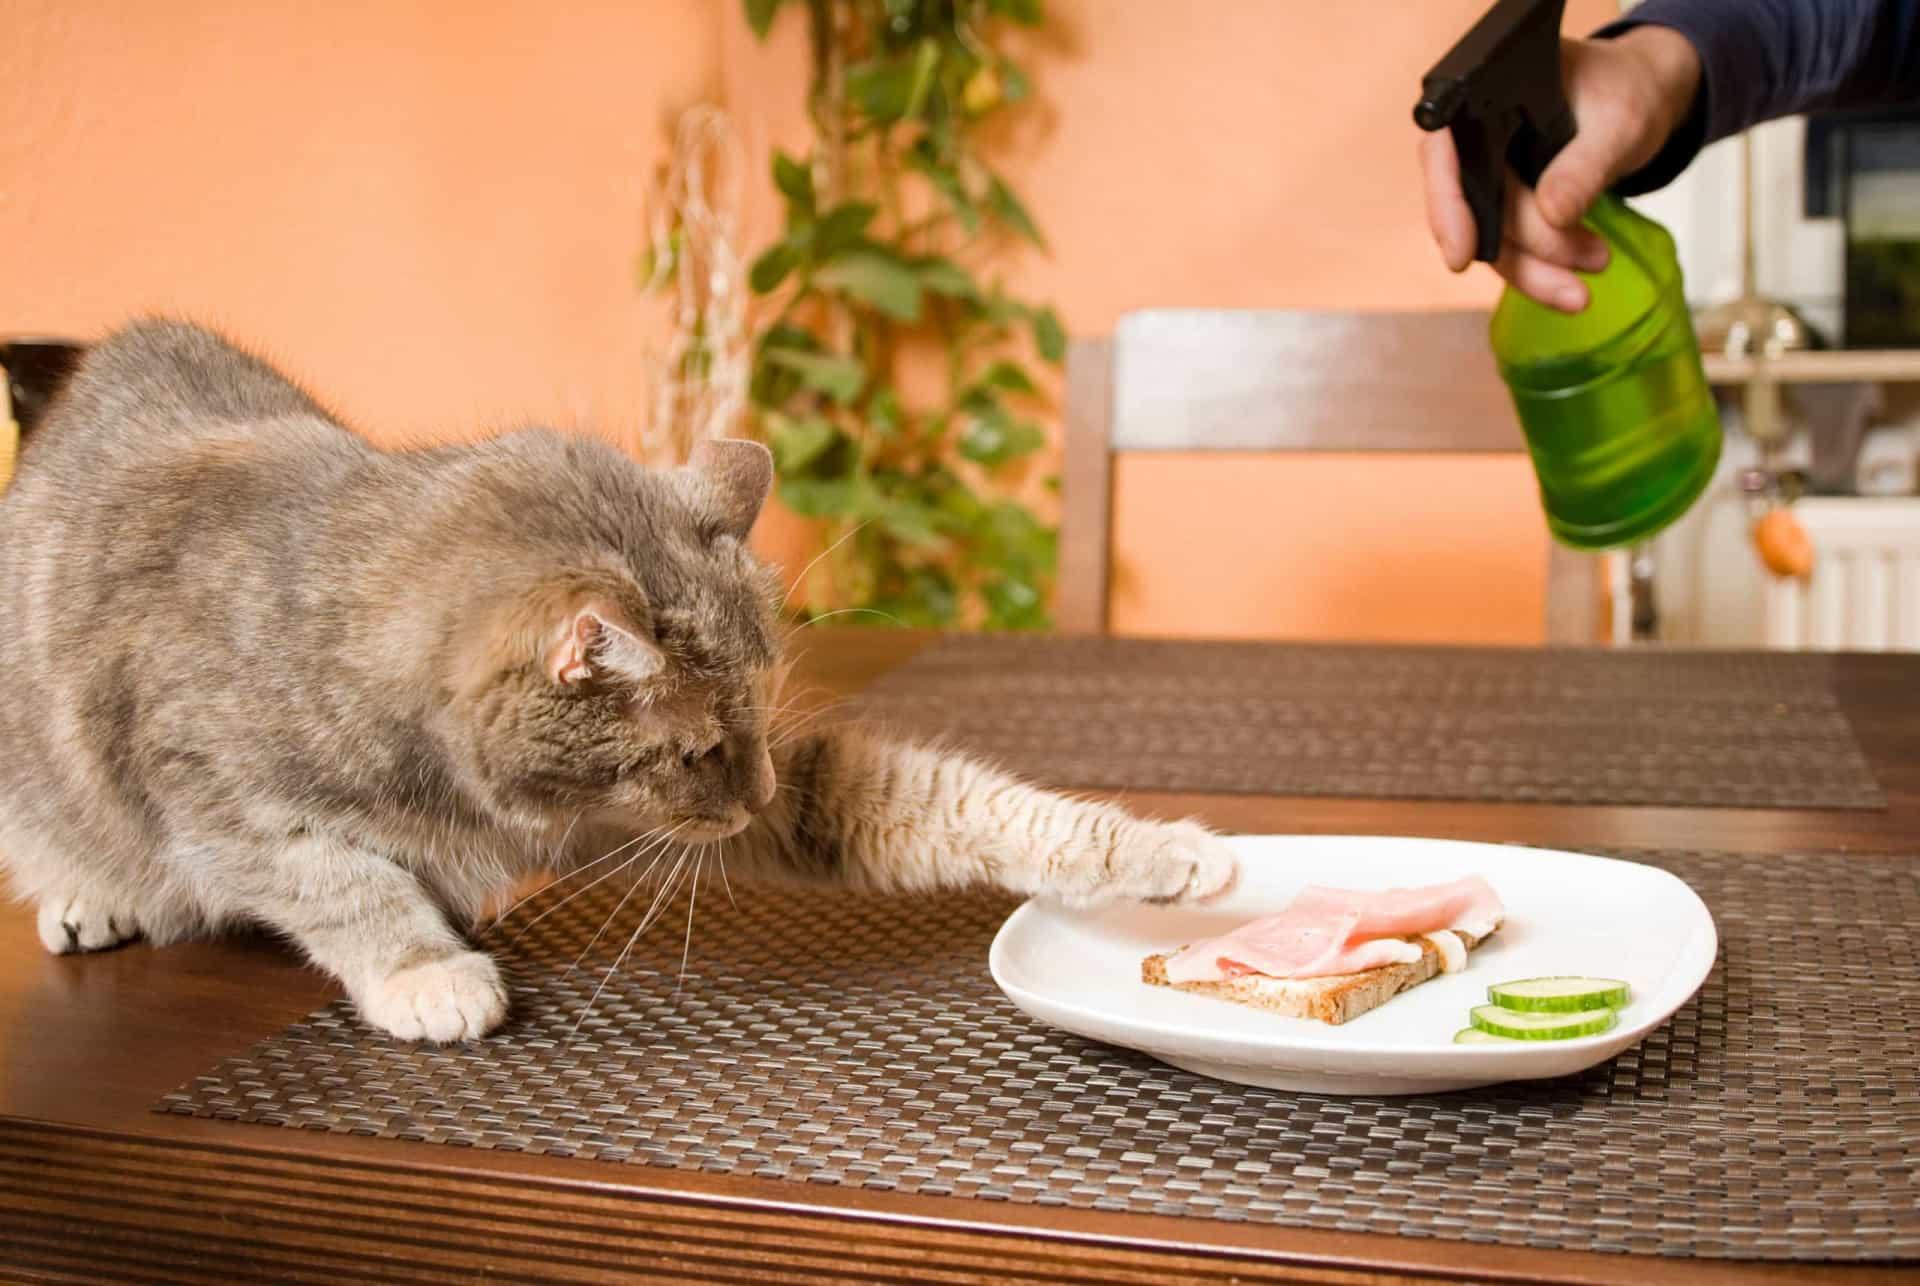 Как правильно наказывать кошку – 7 способов перевоспитания кота